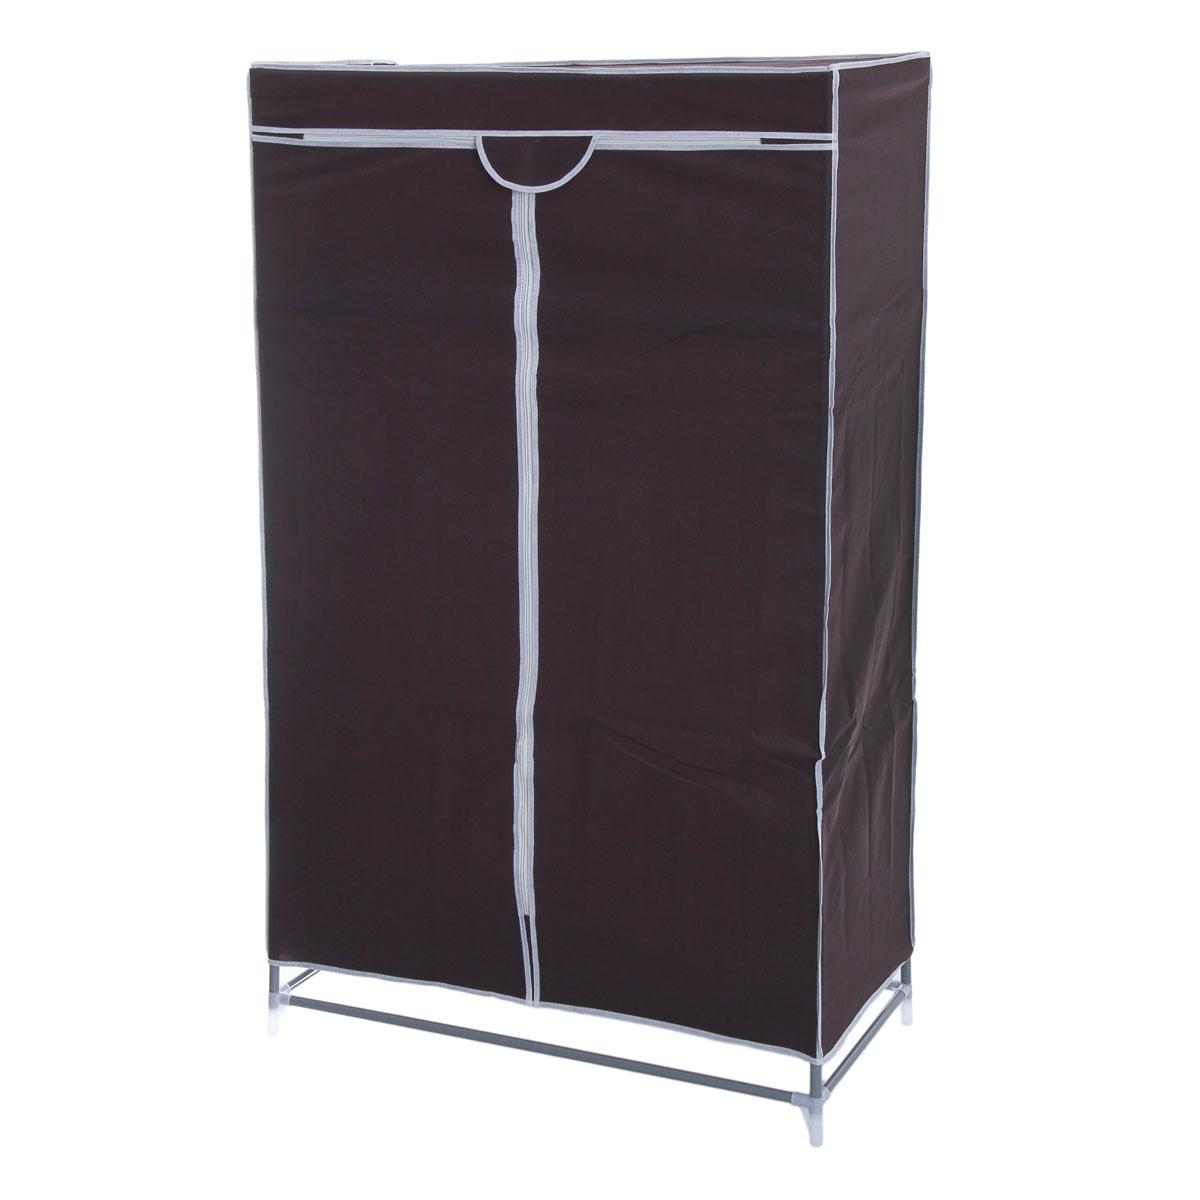 Мобильный шкаф для одежды Sima-land, цвет: кофейный, 90 х 45 х 145 см. 88879998295719Мобильный шкаф для одежды Sima-land, предназначенный для хранения одежды и других вещей, это отличное решение проблемы, когда наблюдается явный дефицит места или есть временная необходимость. Складной тканевый шкаф - это мобильная конструкция, состоящая из сборного металлического каркаса, на который натянут чехол из нетканого полотна. Корпус шкафа сделан из легкой, но прочной стали, а обивка из полиэстера, который можно легко стирать в стиральной машинке. Шкаф оснащен двумя текстильными дверями, которые закрываются на застежку-молнию. Шкаф снабжен полкой и планкой для хранения вещей на вешалках.